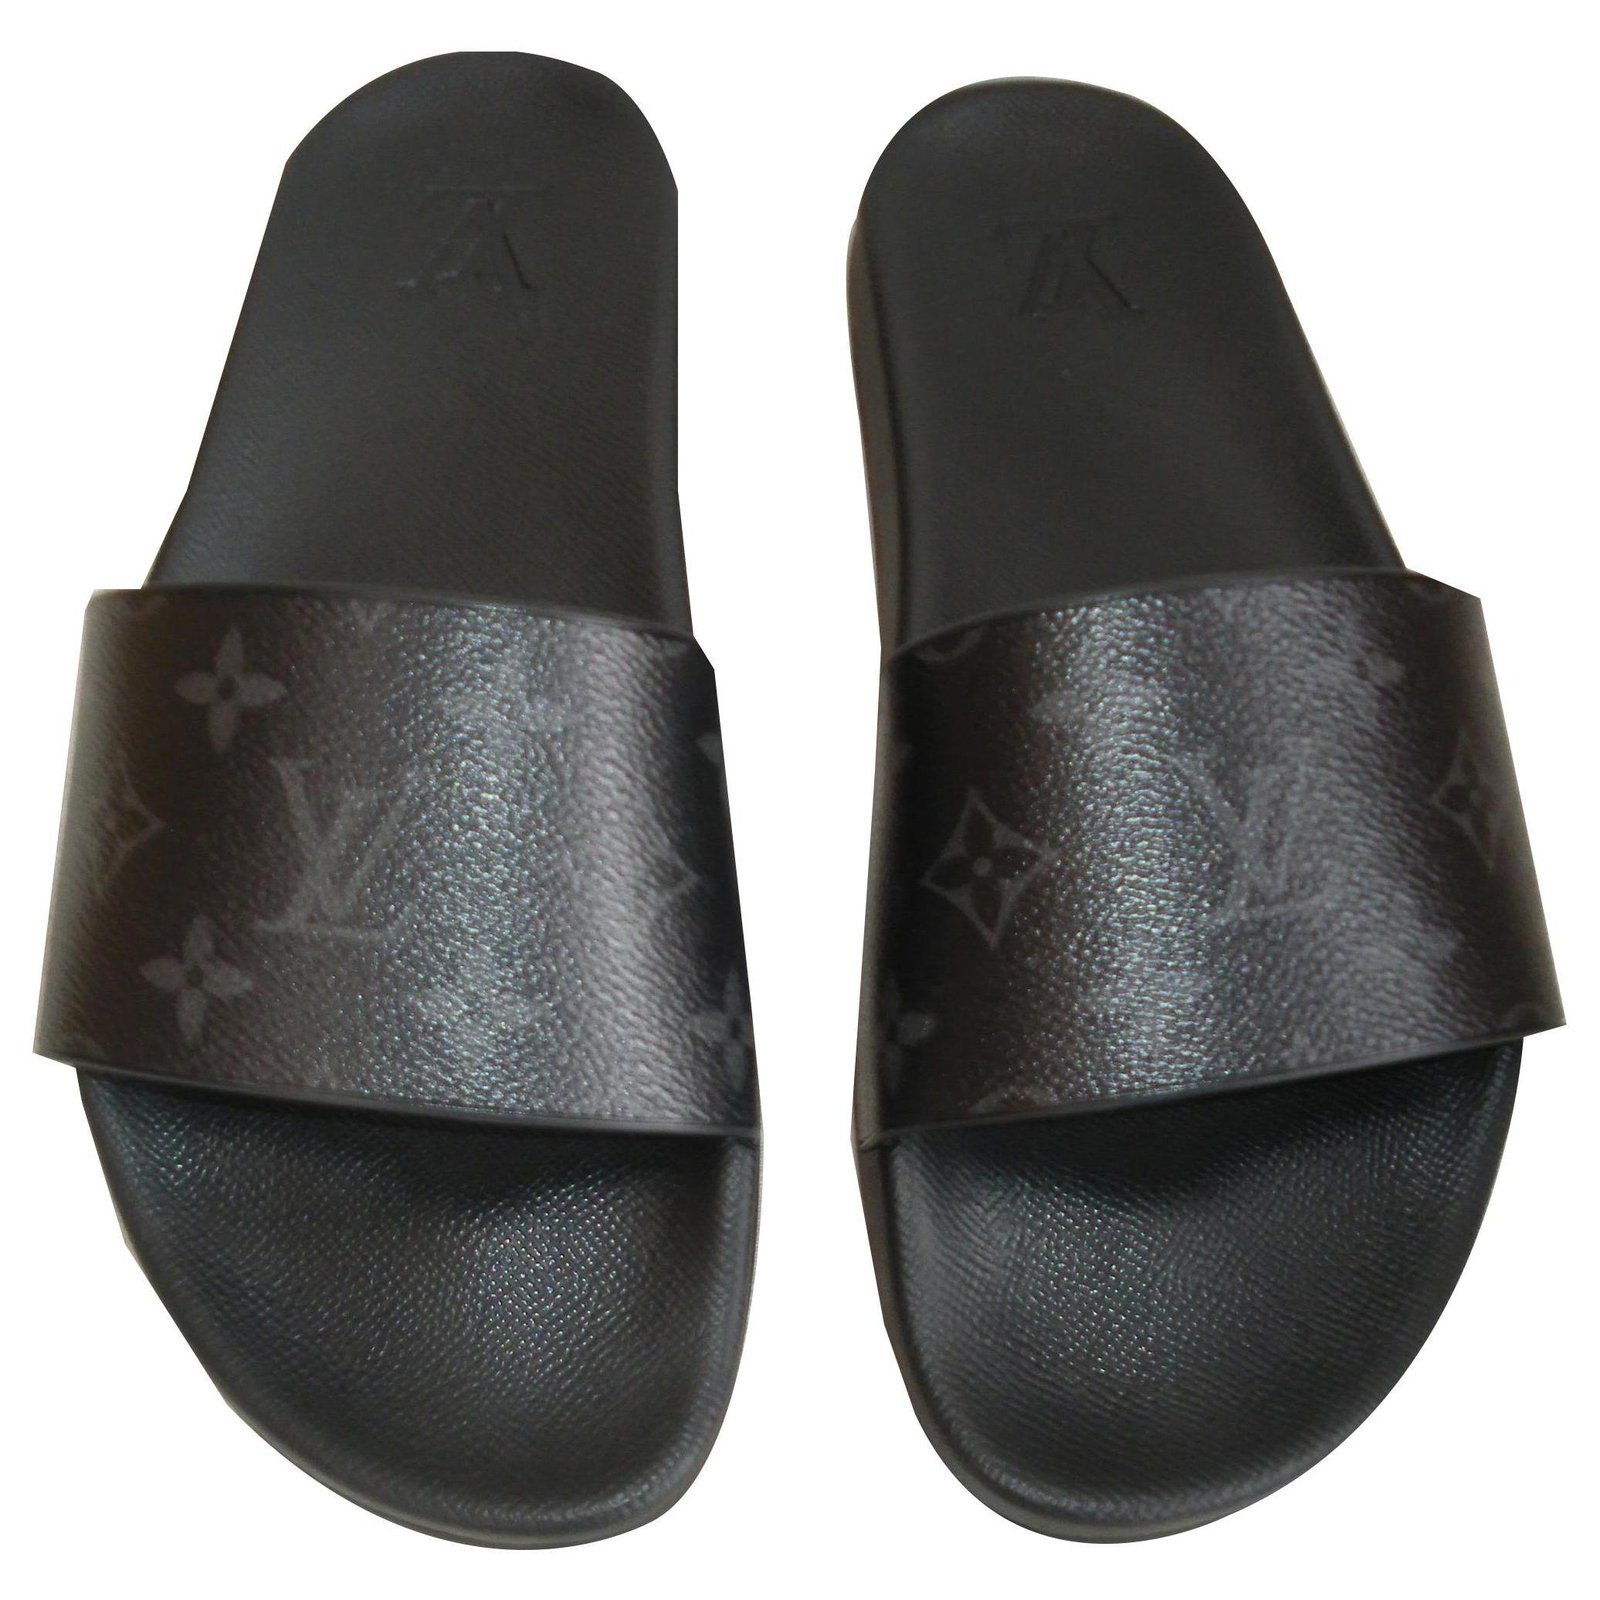 Louis Vuitton Women's sandals Sandals